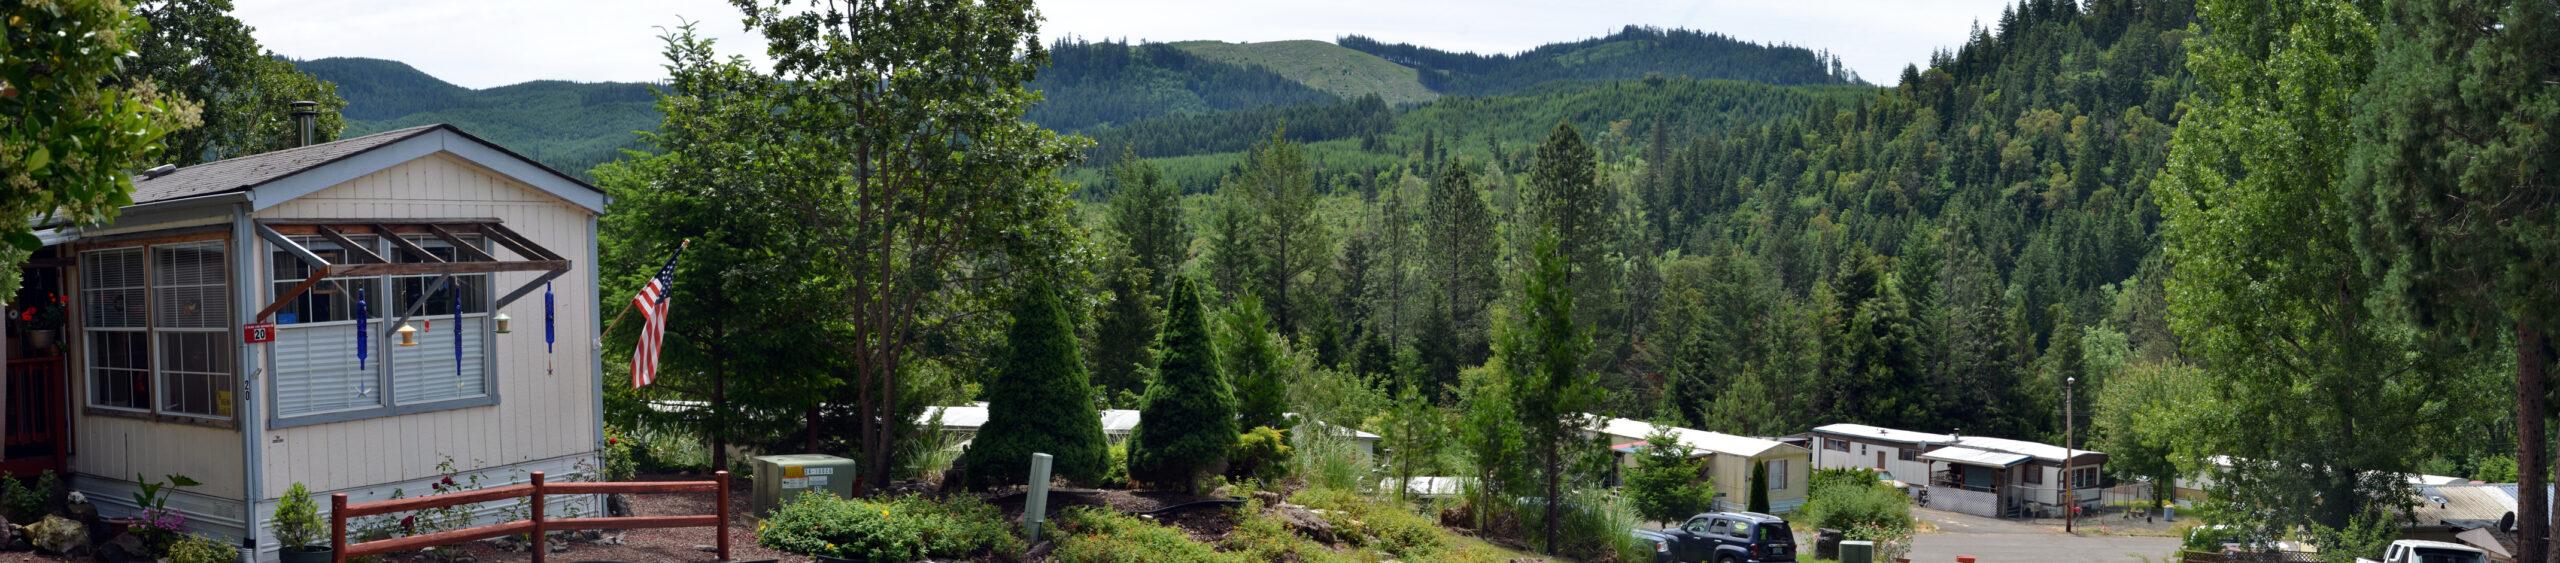 Umpqua Panoramic copy